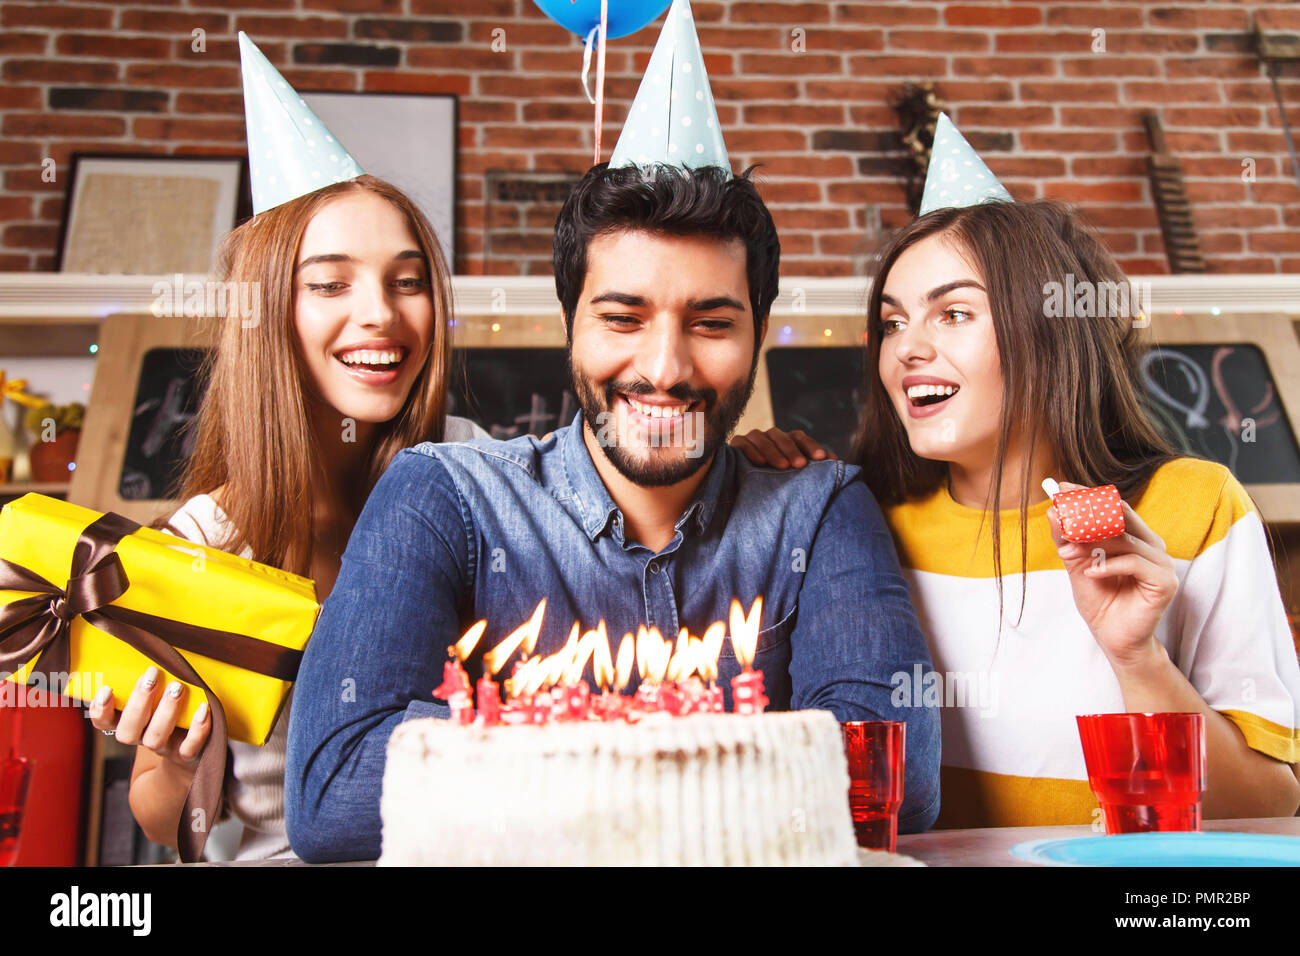 Felice l'uomo barbuto pronto a soffiare le candeline sulla torta bianca alla festa di compleanno con le sue amiche Immagini Stock